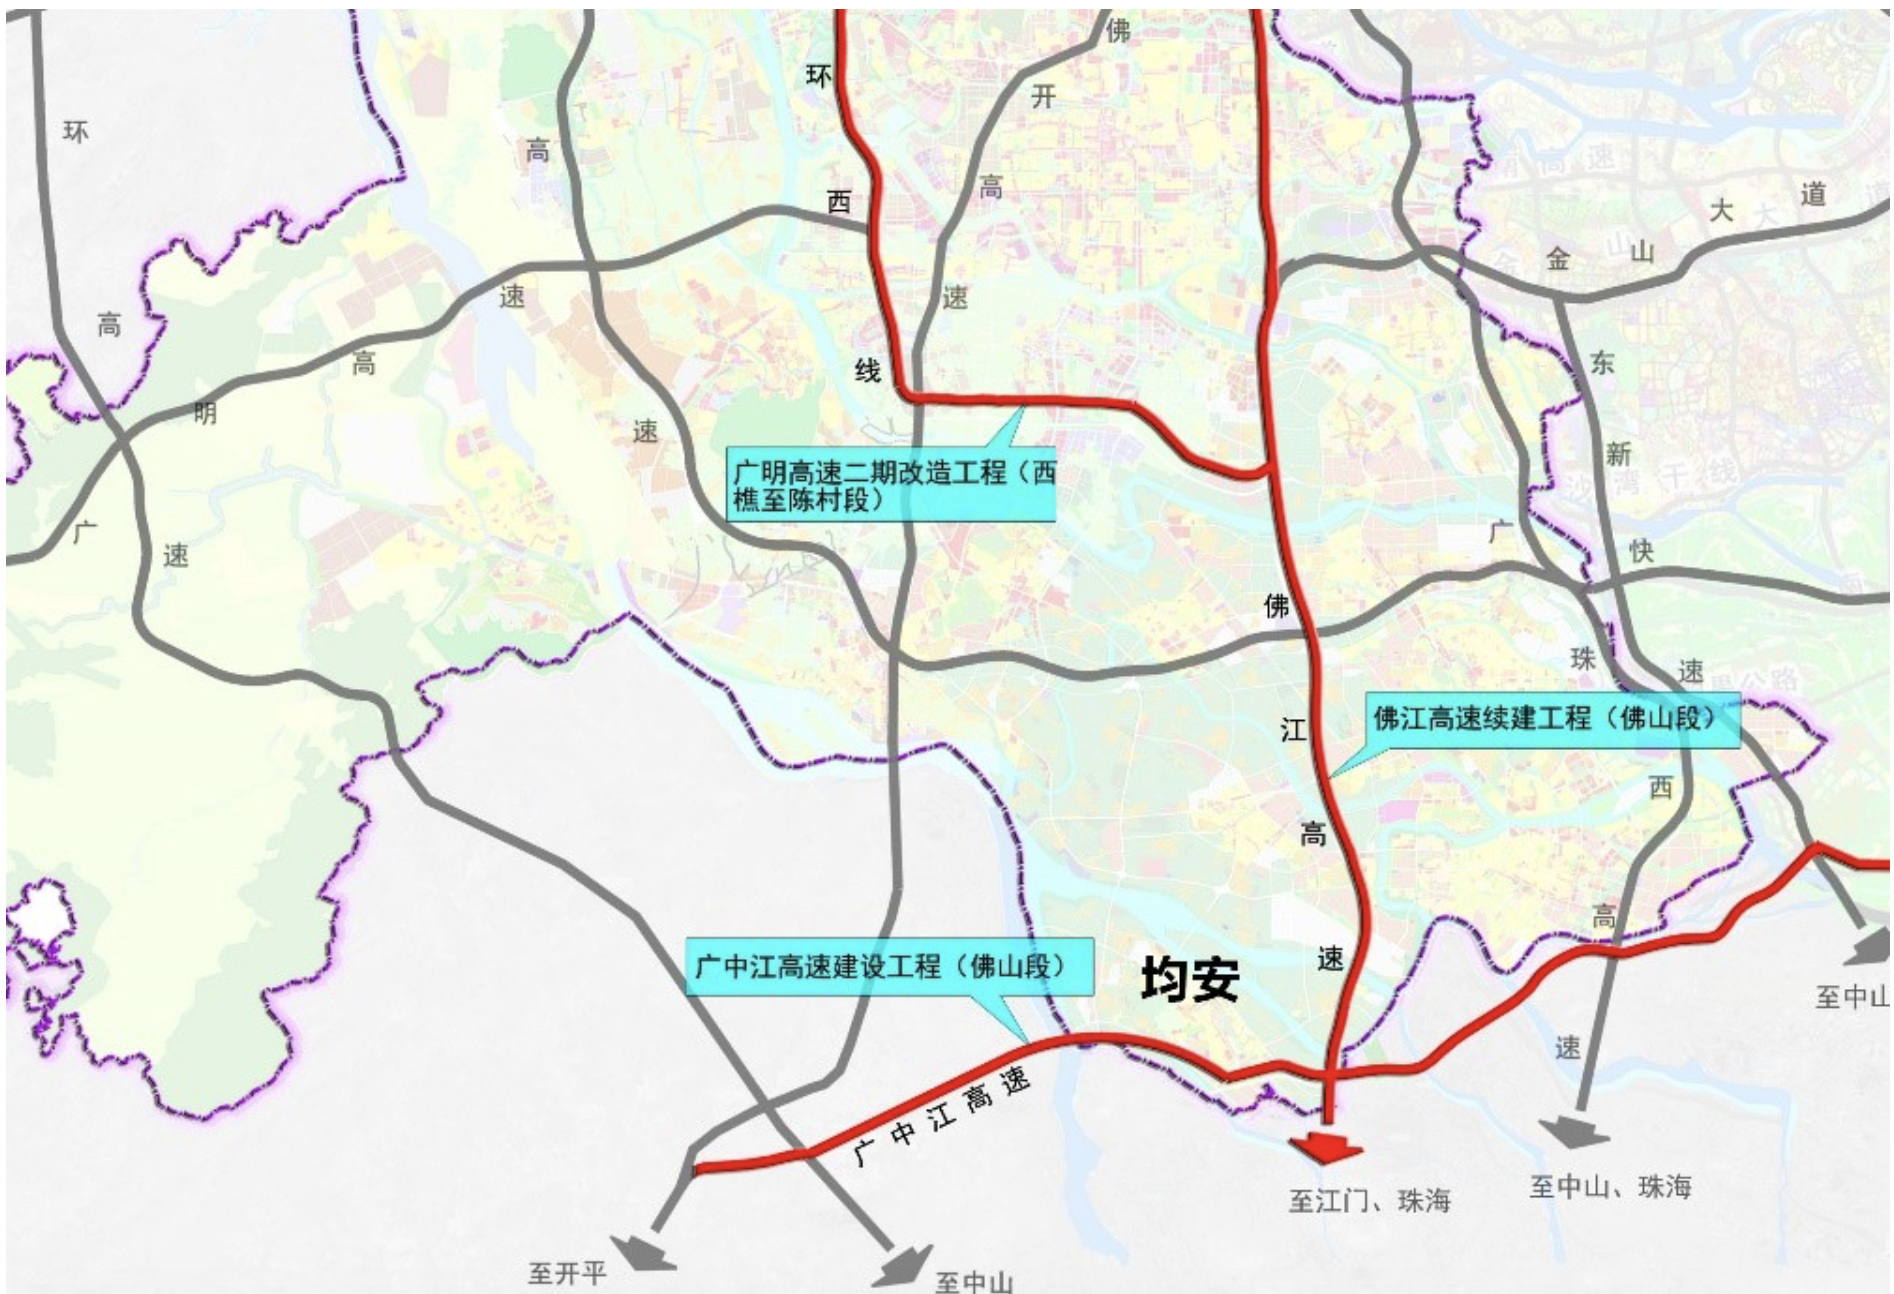 均安周边的路网建设提速。